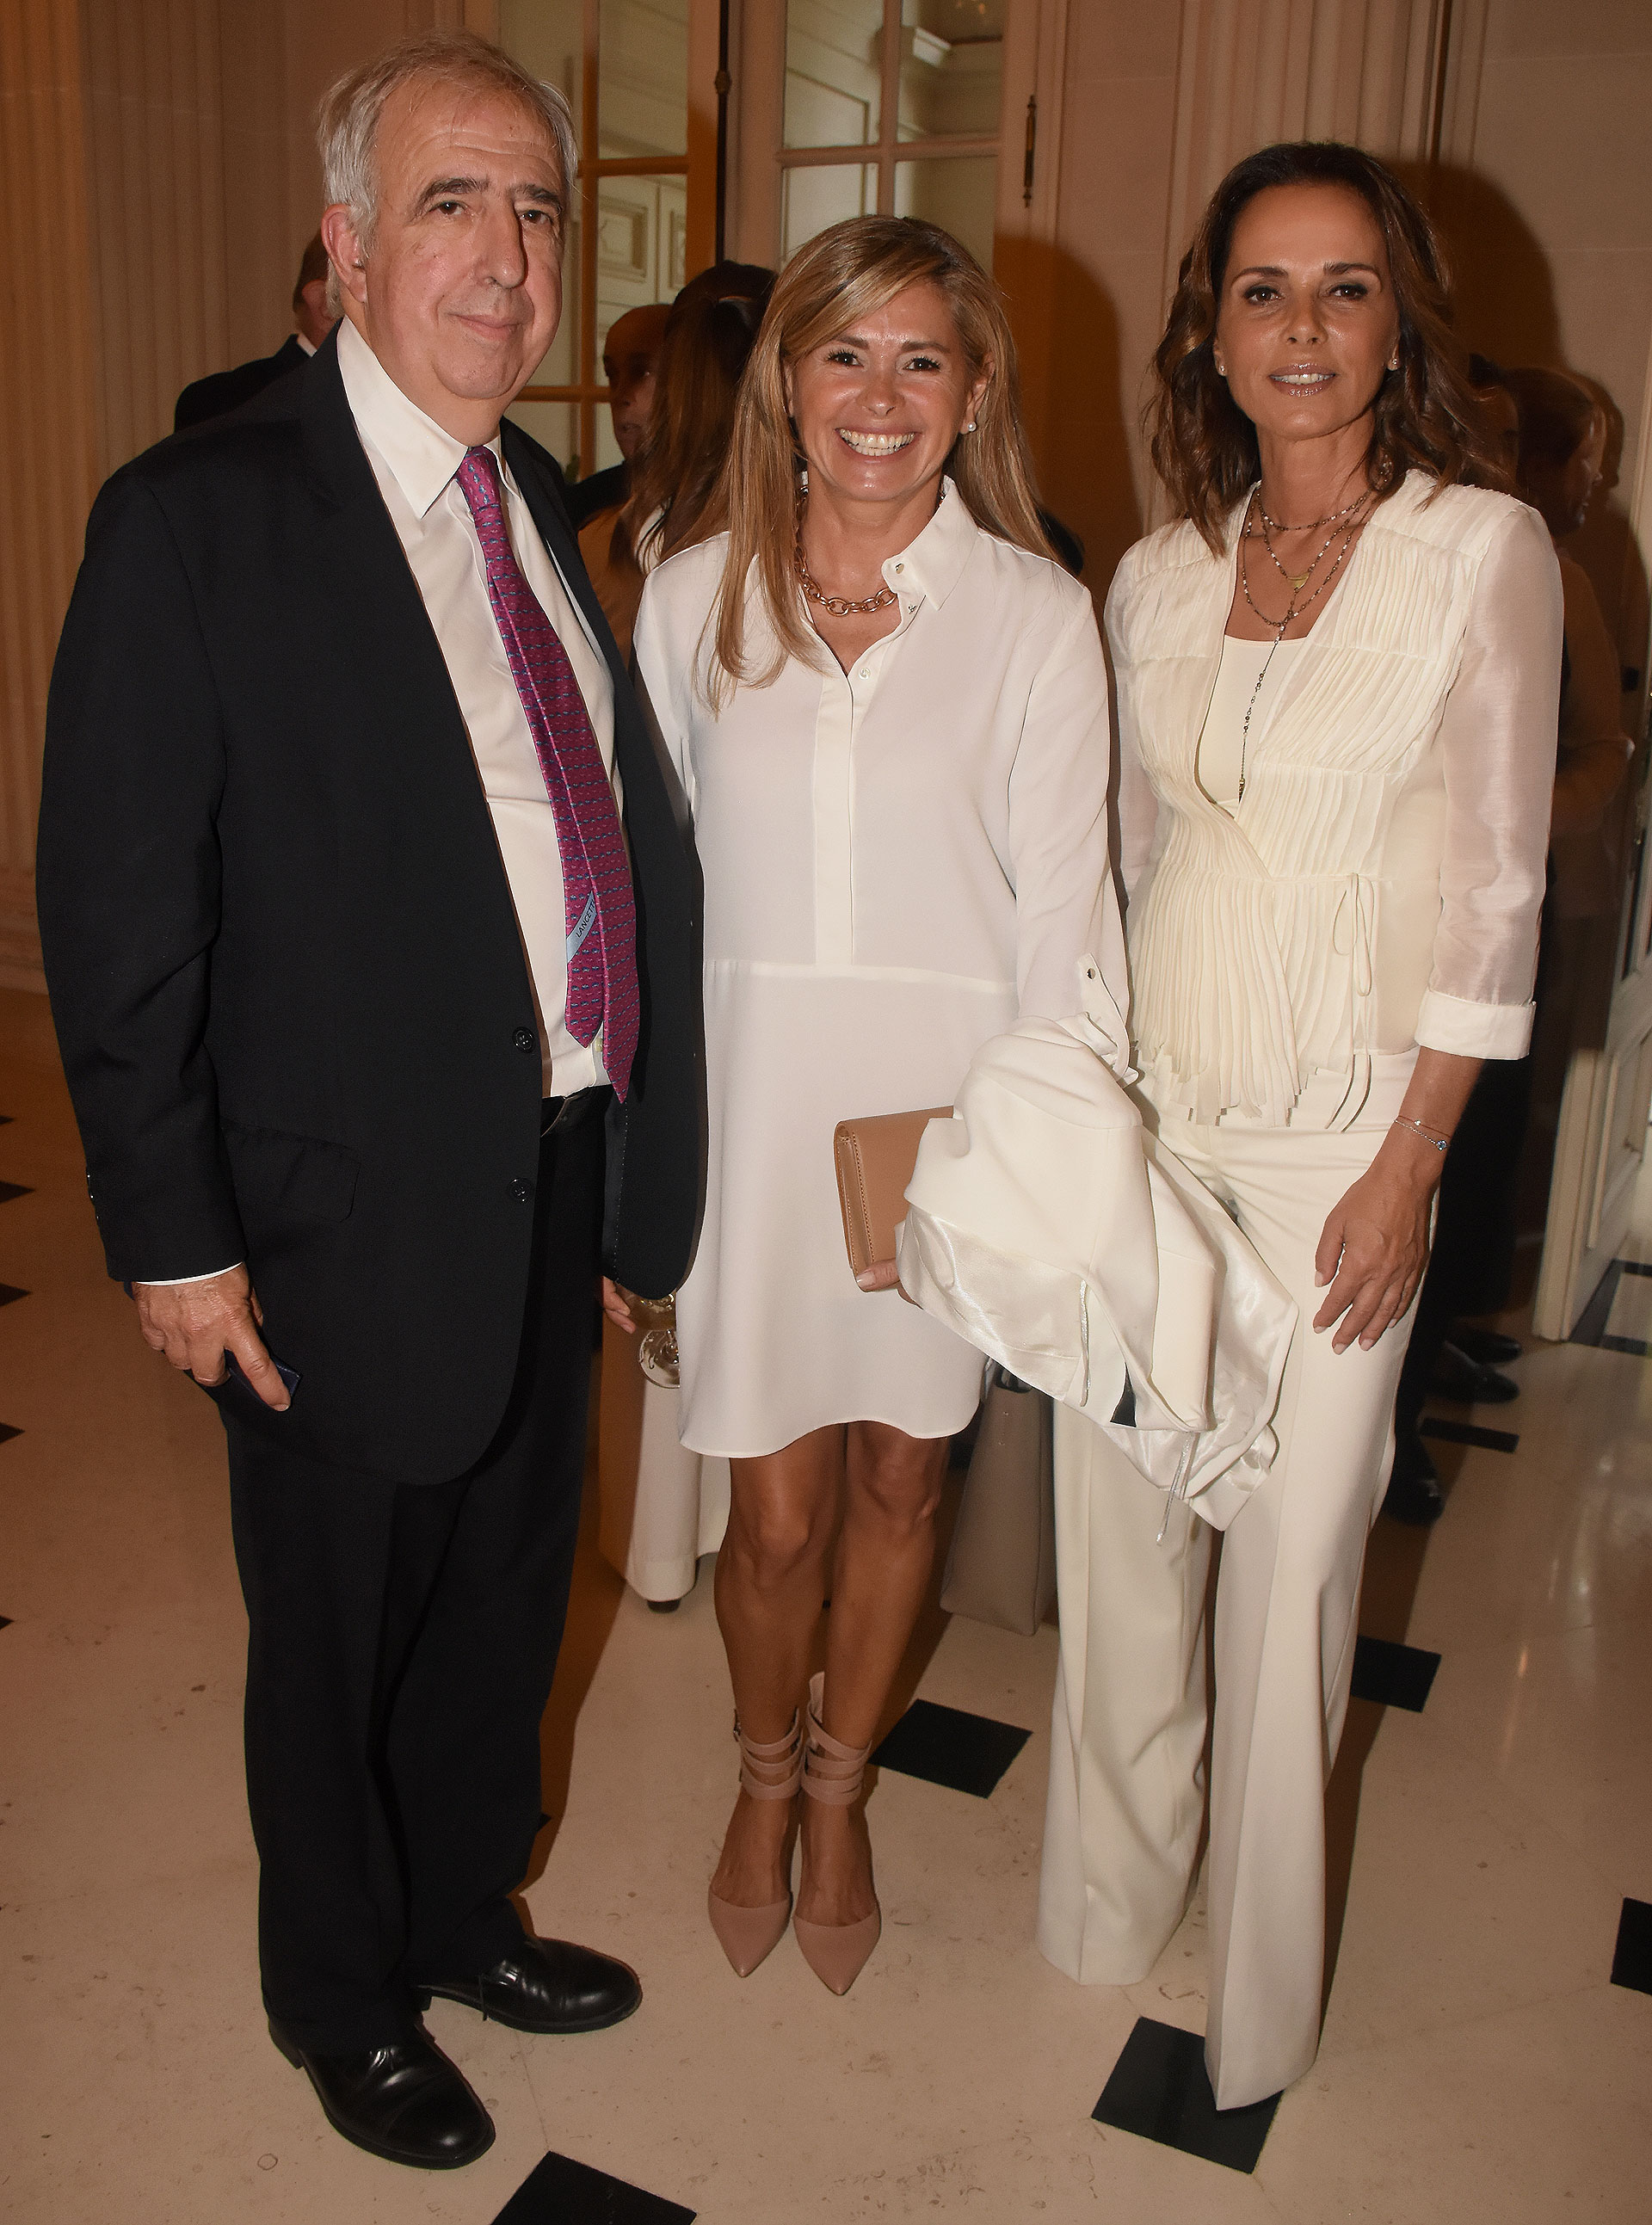 El director del Hospital Universitario Austral, José Luis Puiggari, junto a la ex senadora nacional María Laura Leguizamón, y Nathalie Sielecki